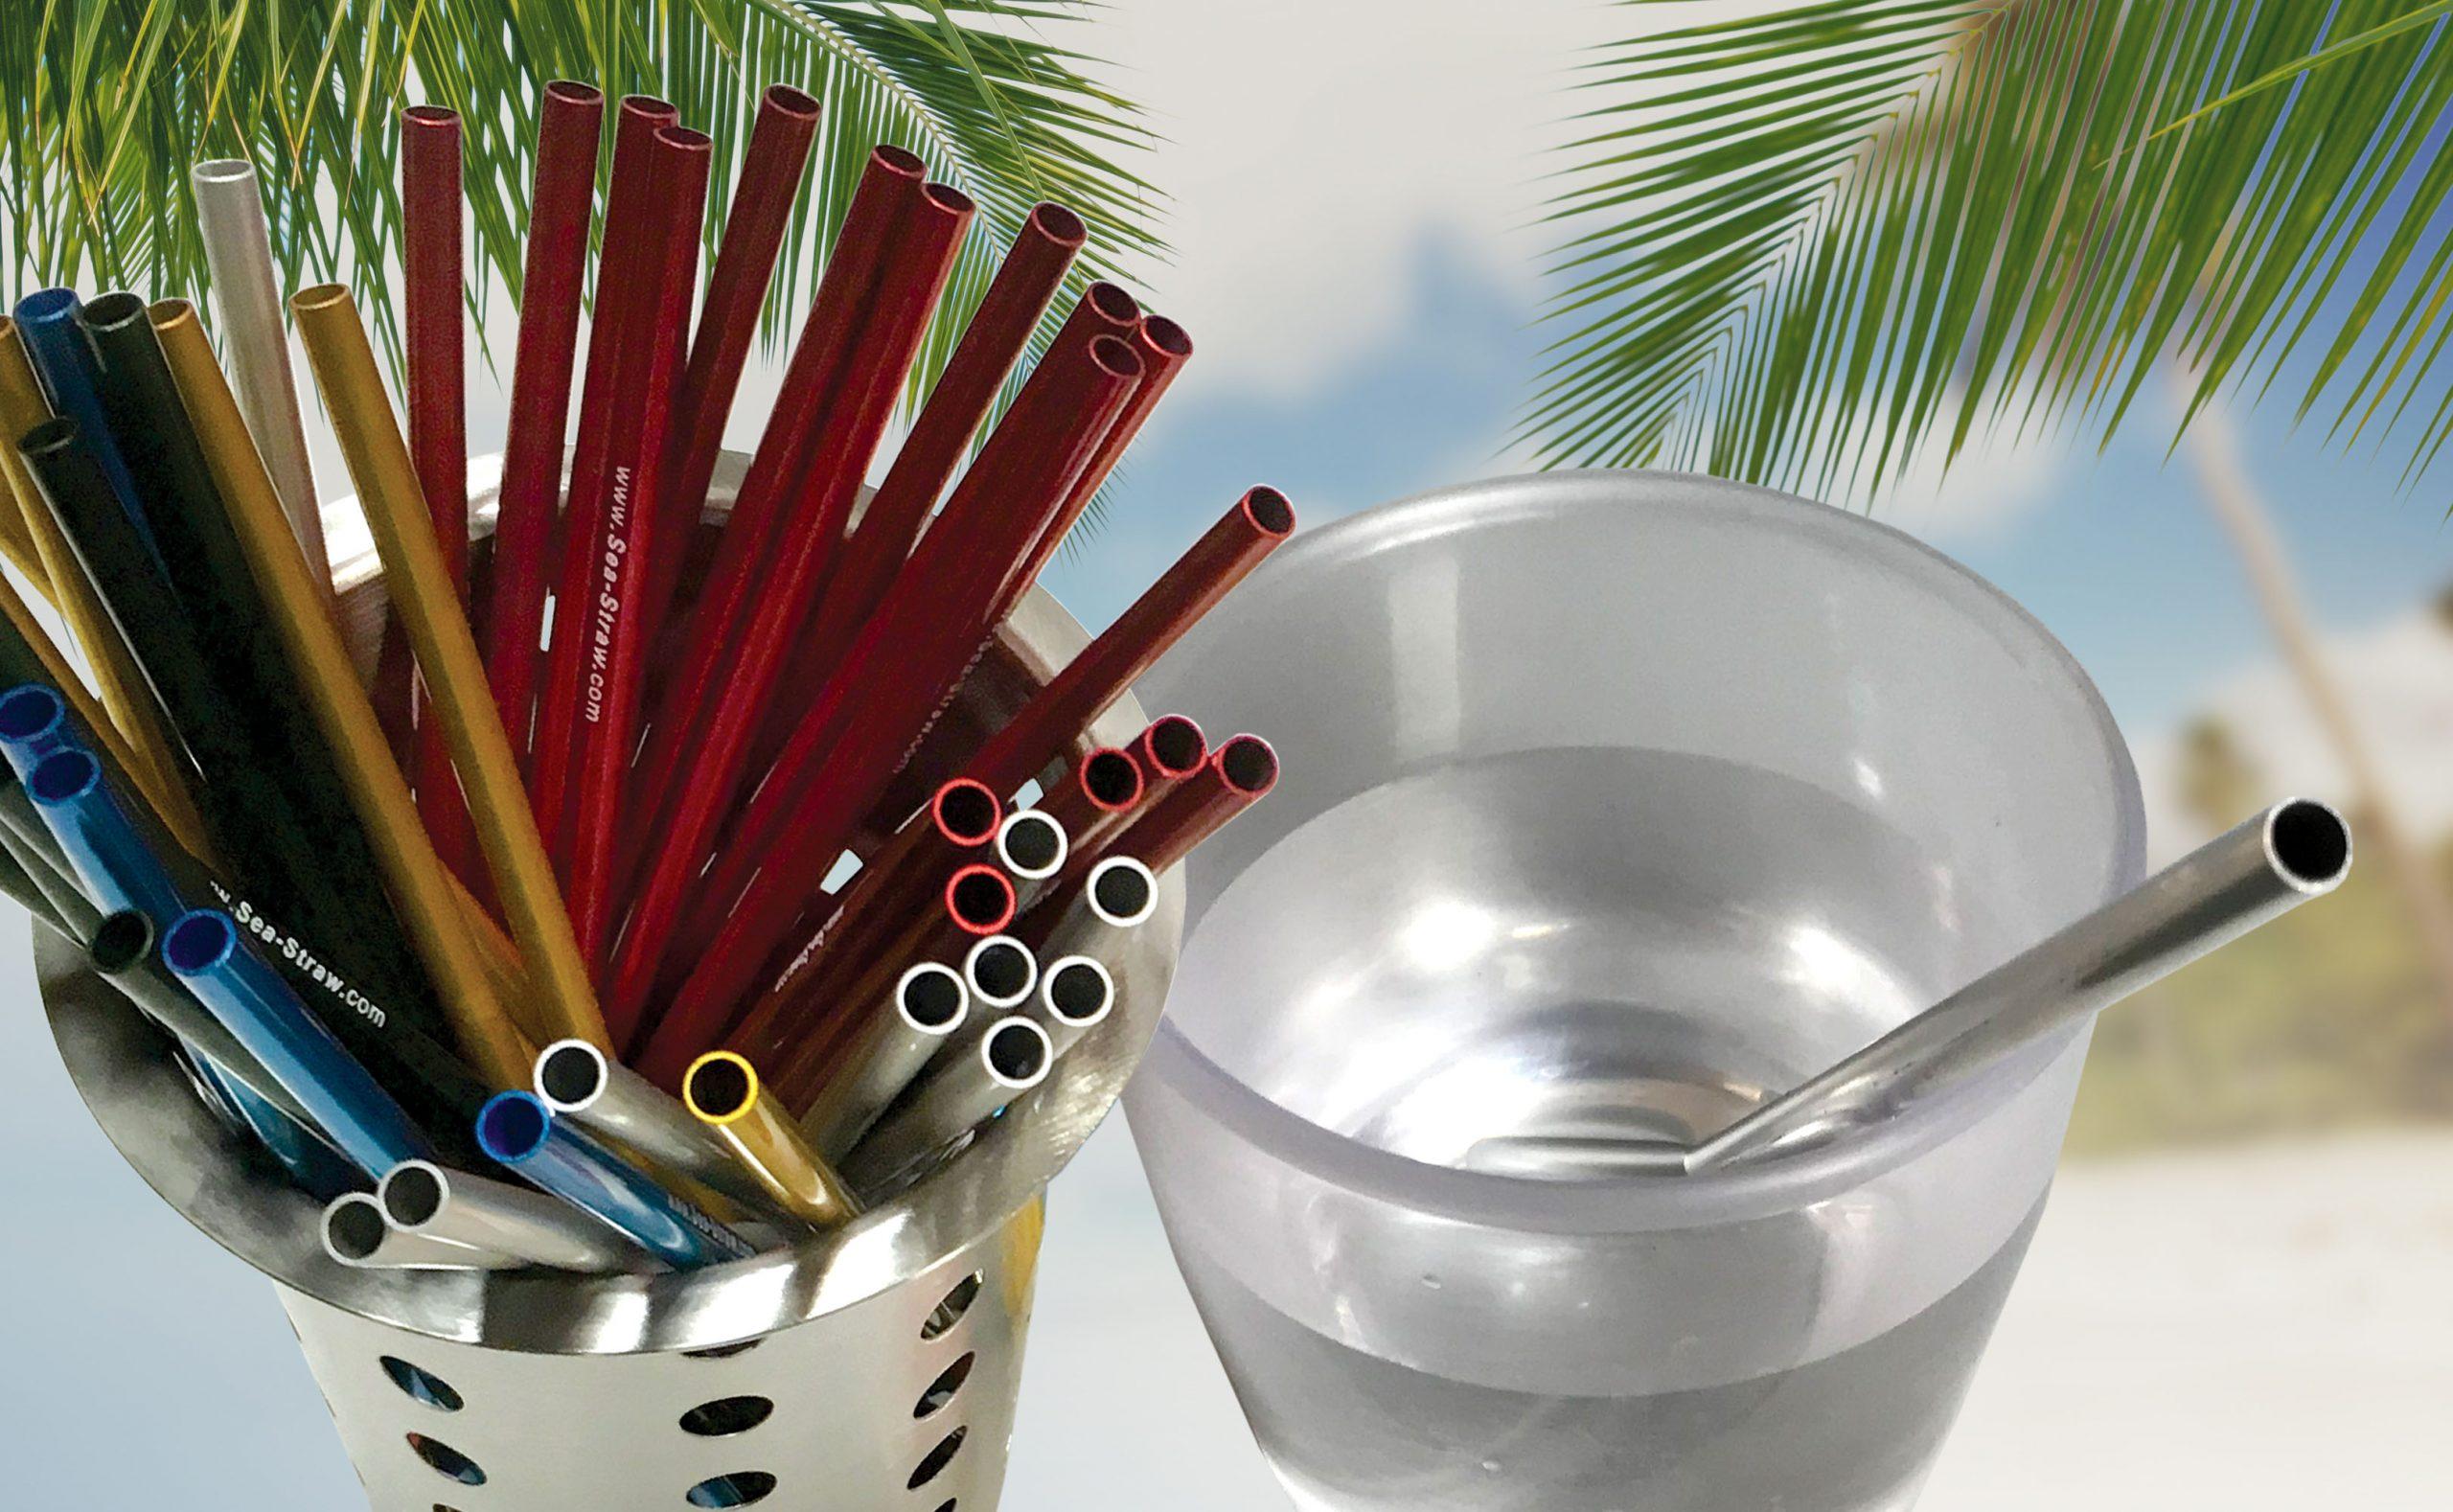 Minalex Aluminum Extrusion - Aluminum Straws Article